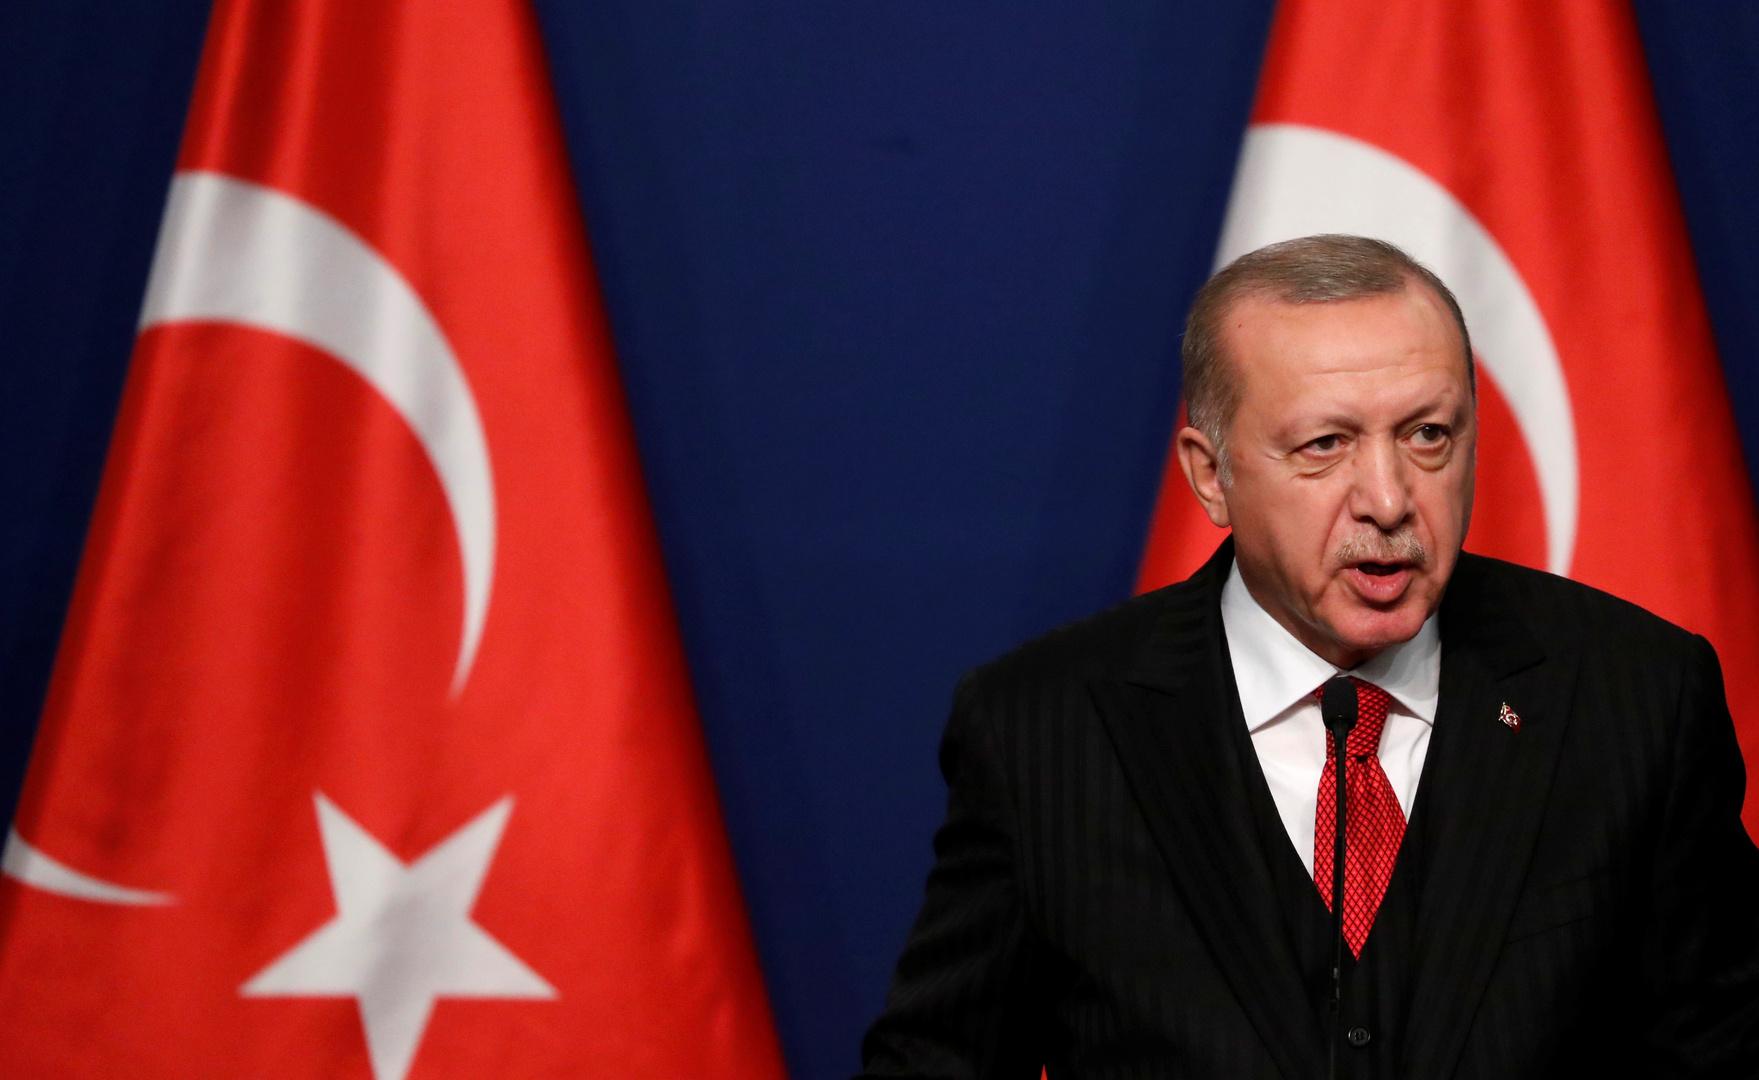 أردوغان: لا يمكن أن يصبح المسلم إرهابيا ولا الإرهابي مسلما